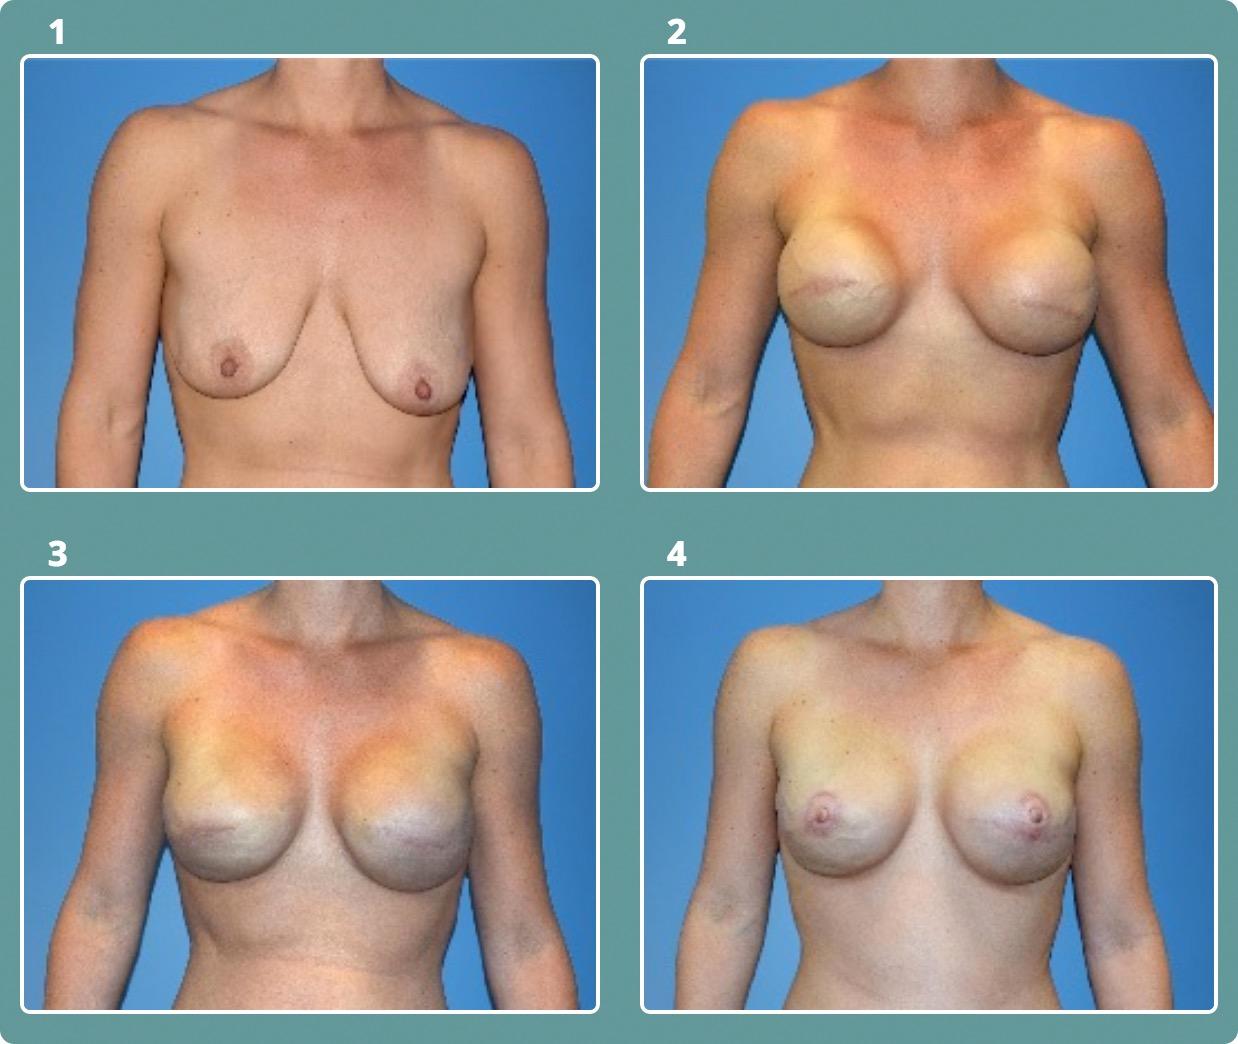 Patient 1, stages 1-4